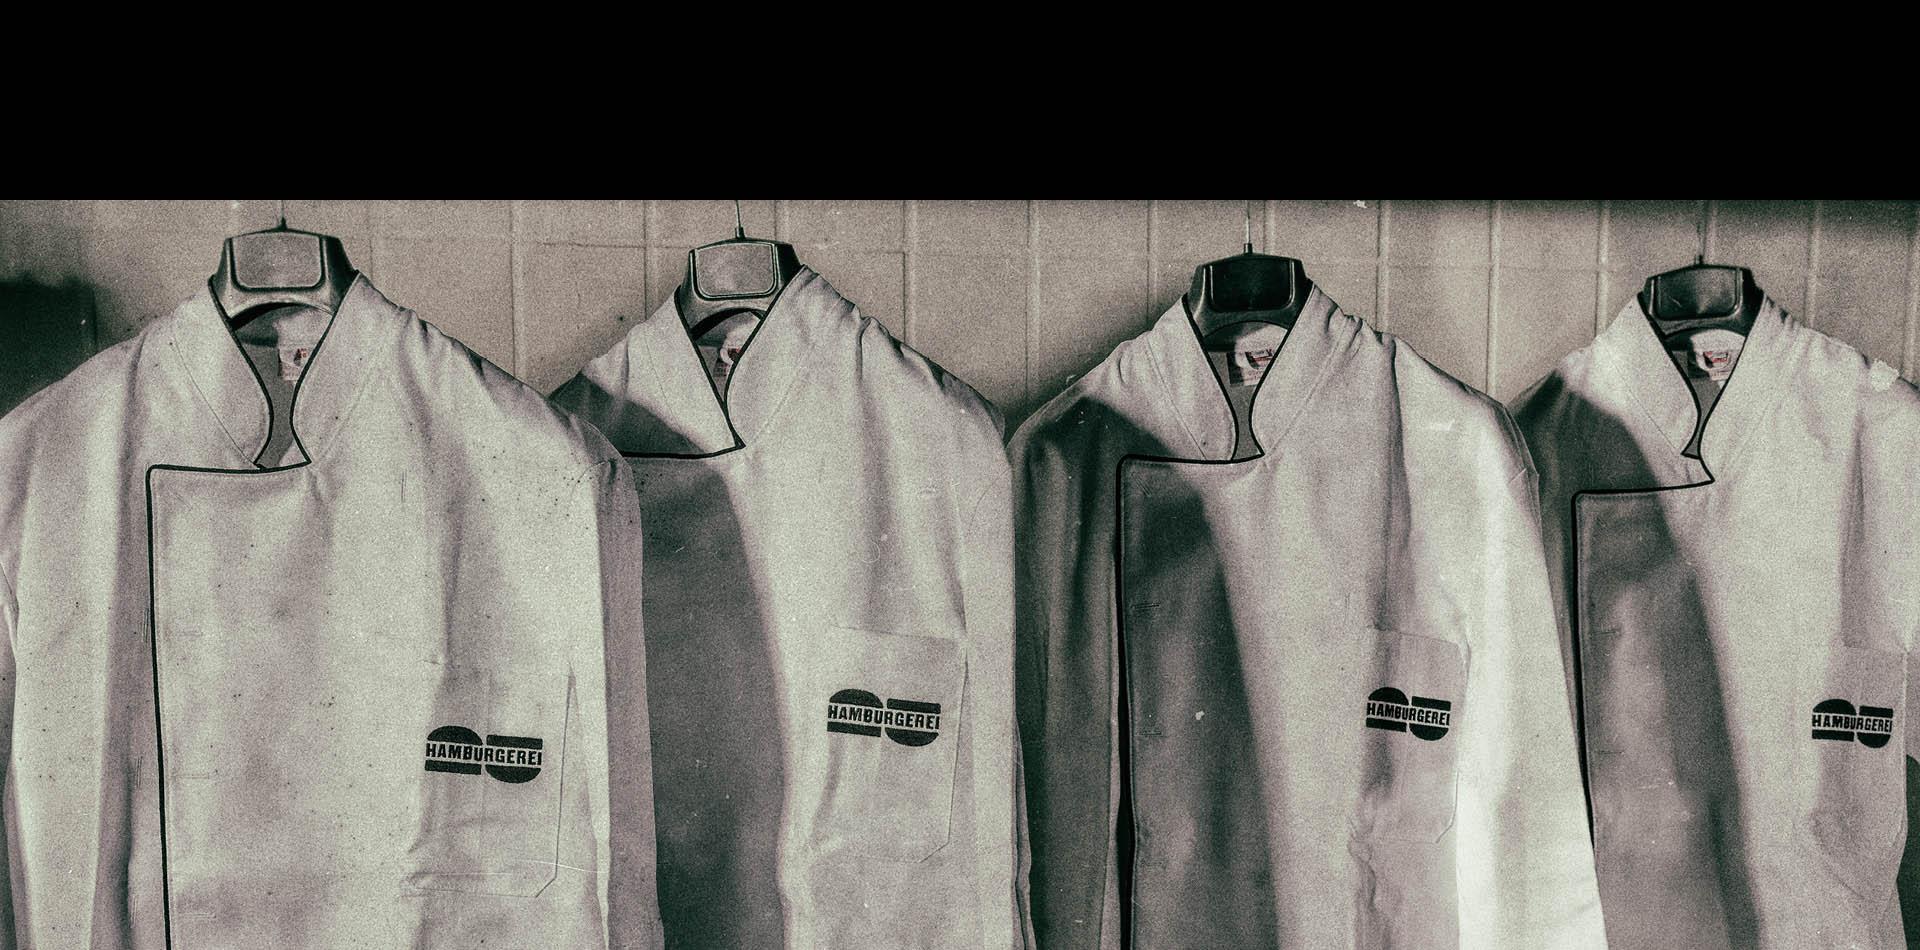 Jobs in der Hamburgerei